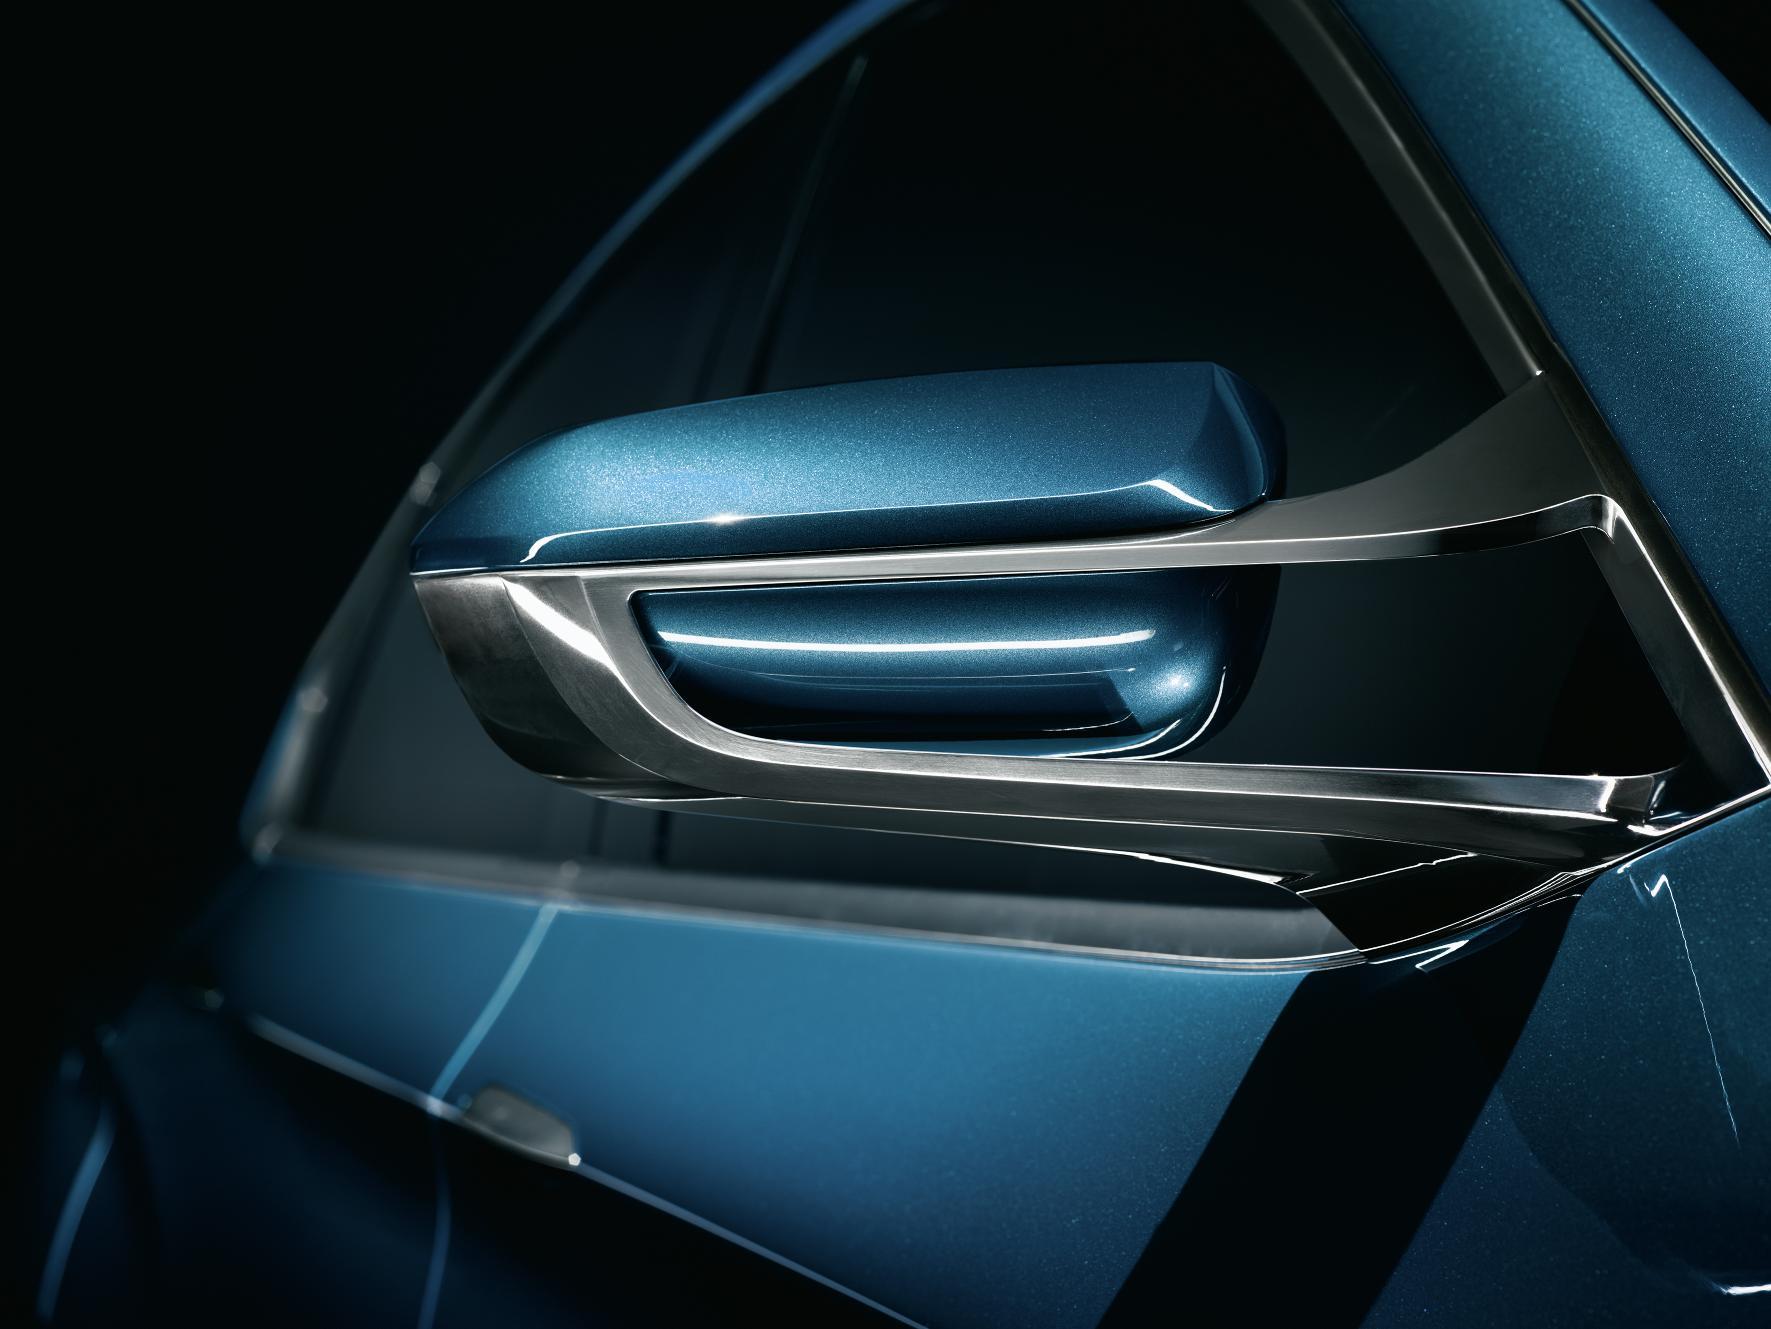 BMW X4 Concept Mirror